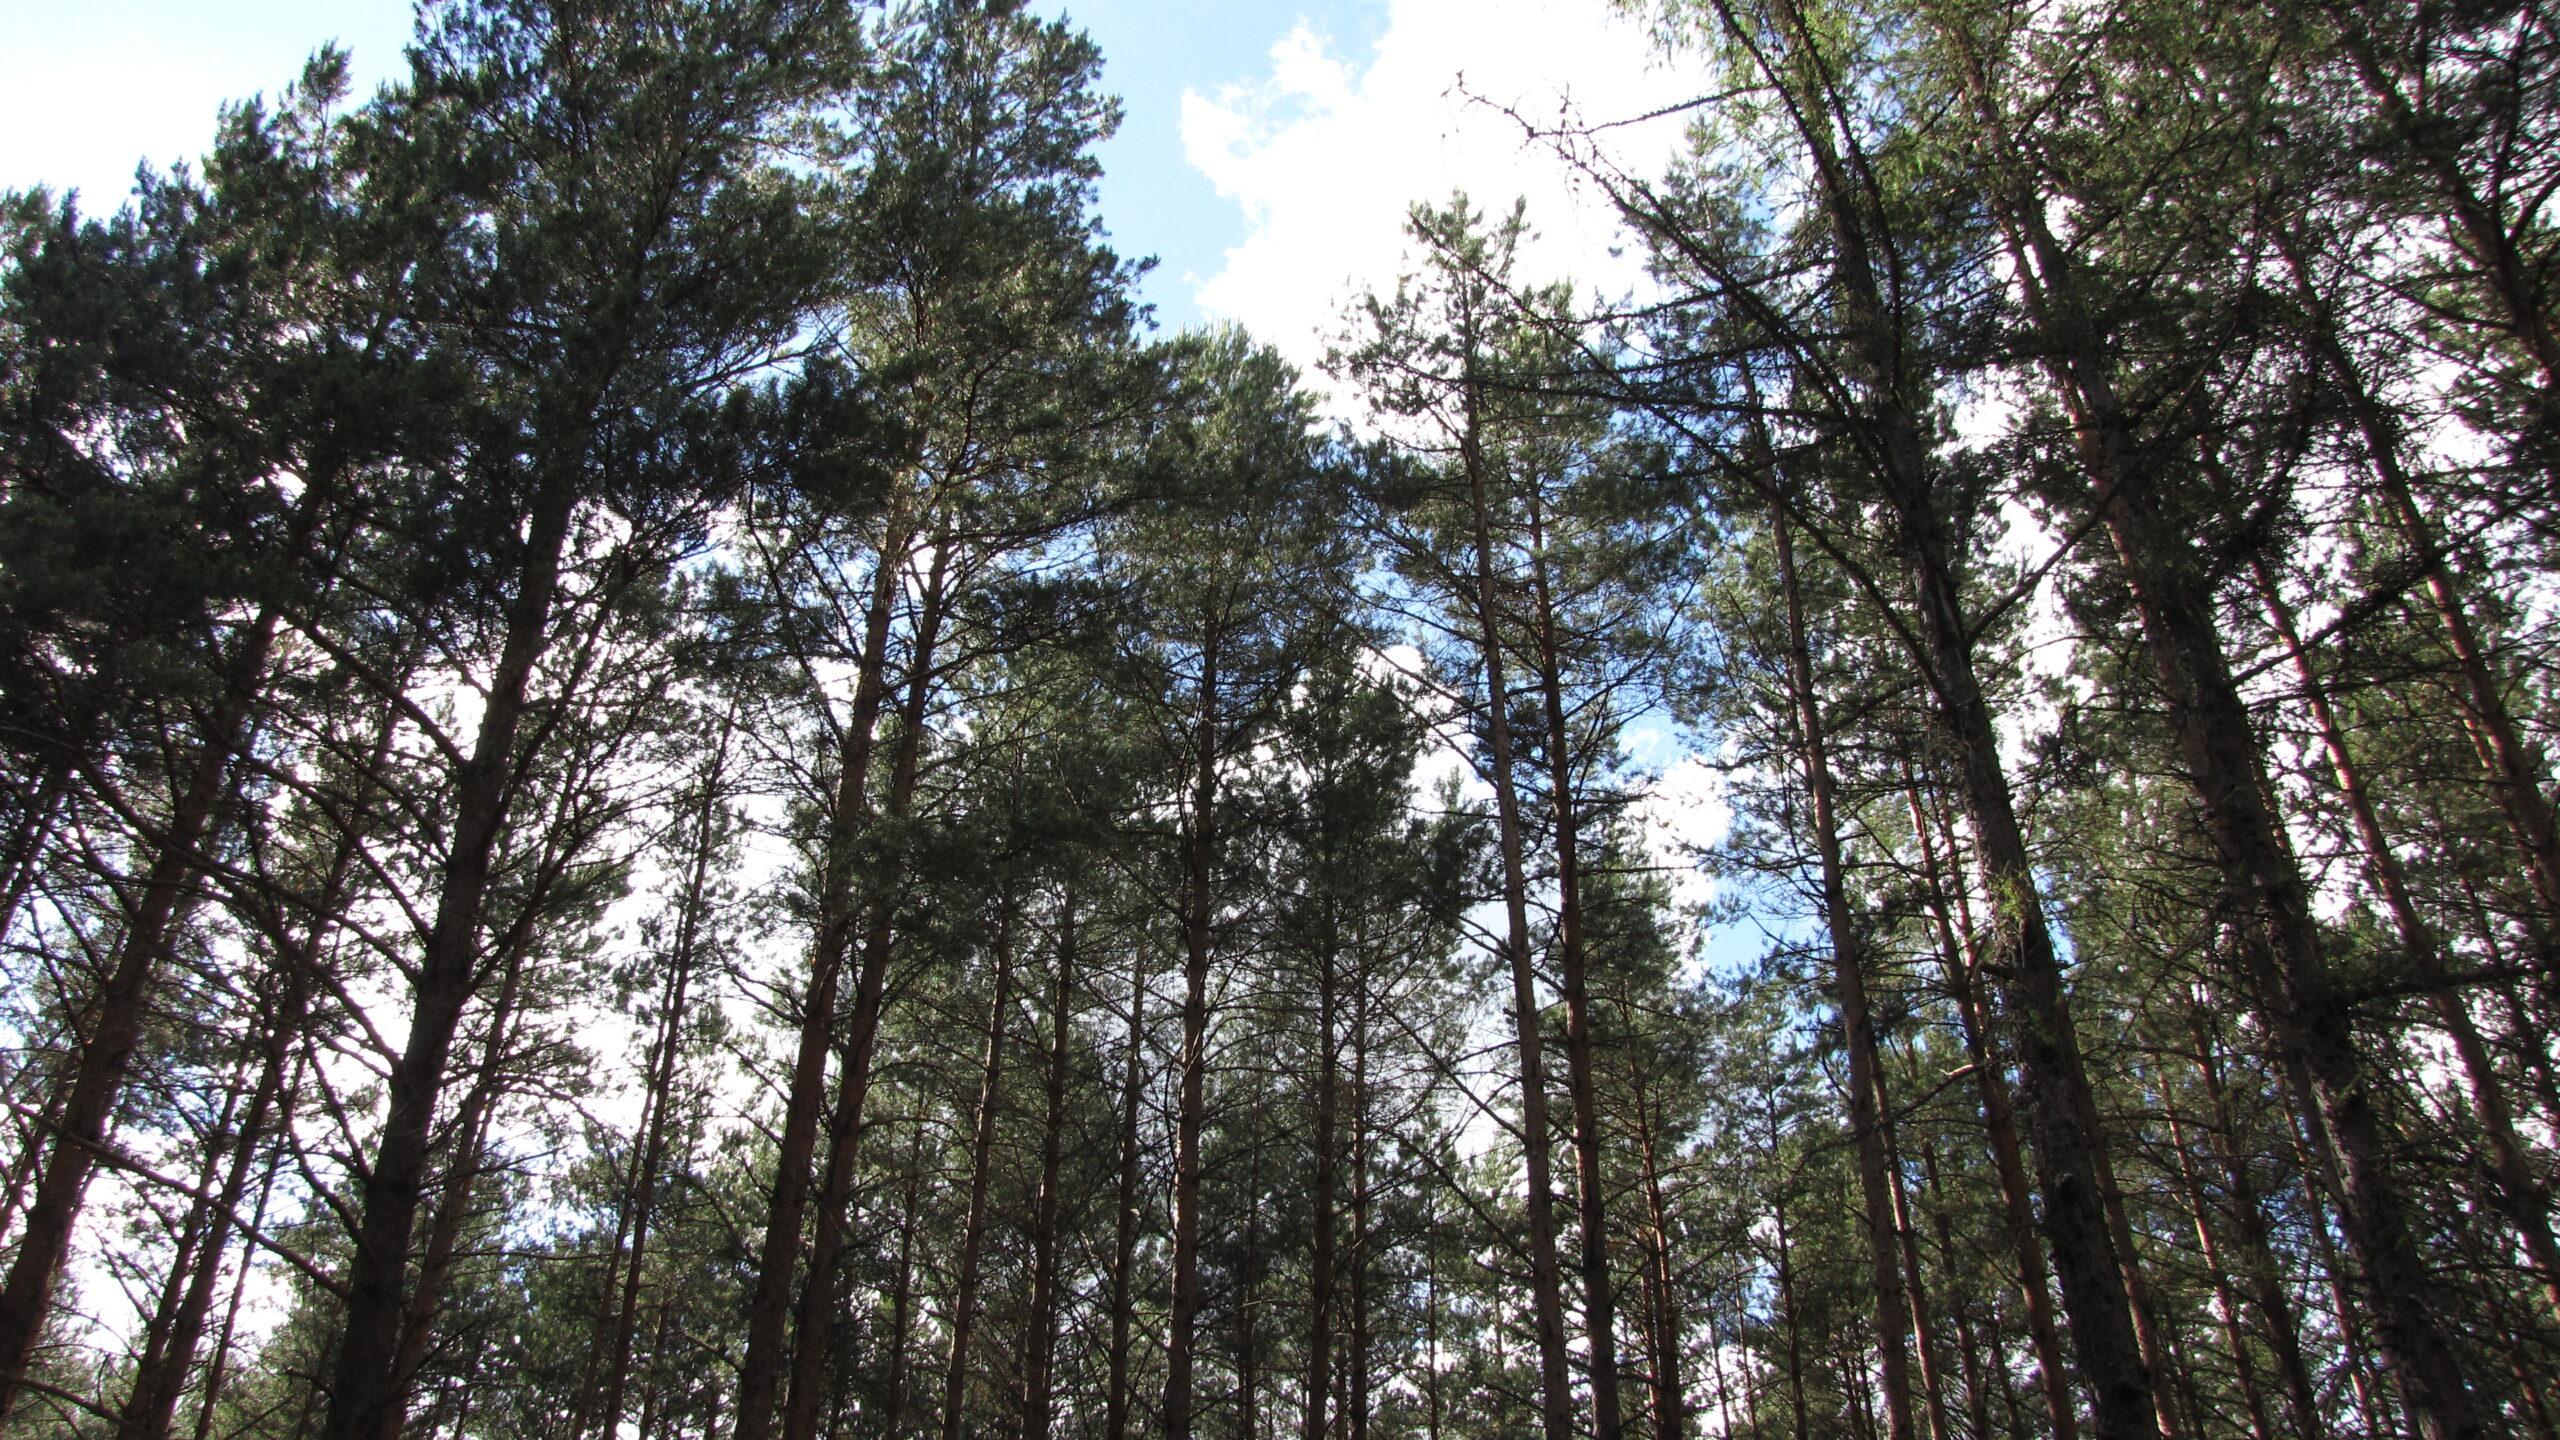 Archidiecezja wycięła las i uruchamia kopalnię obok cmentarza